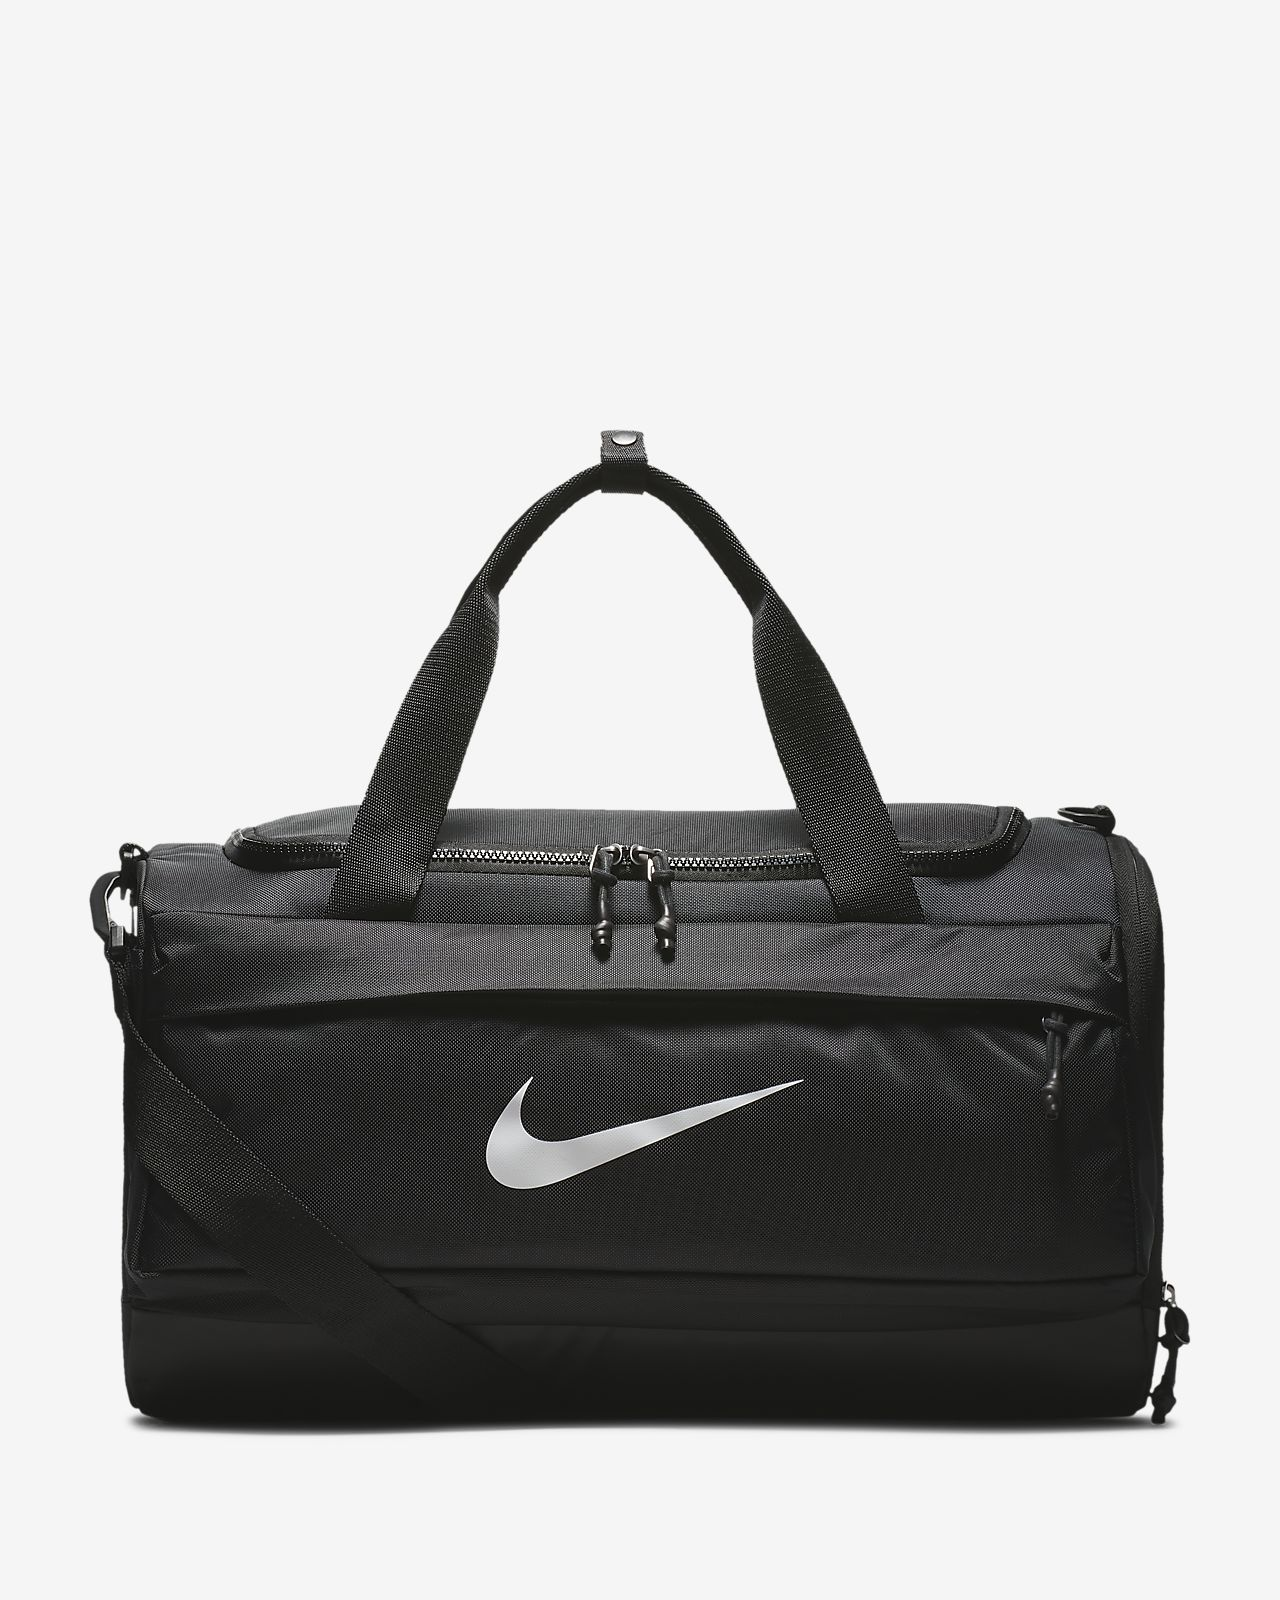 finest selection 06d03 7438b ... Nike Vapor Sprint Kids  Duffel Bag